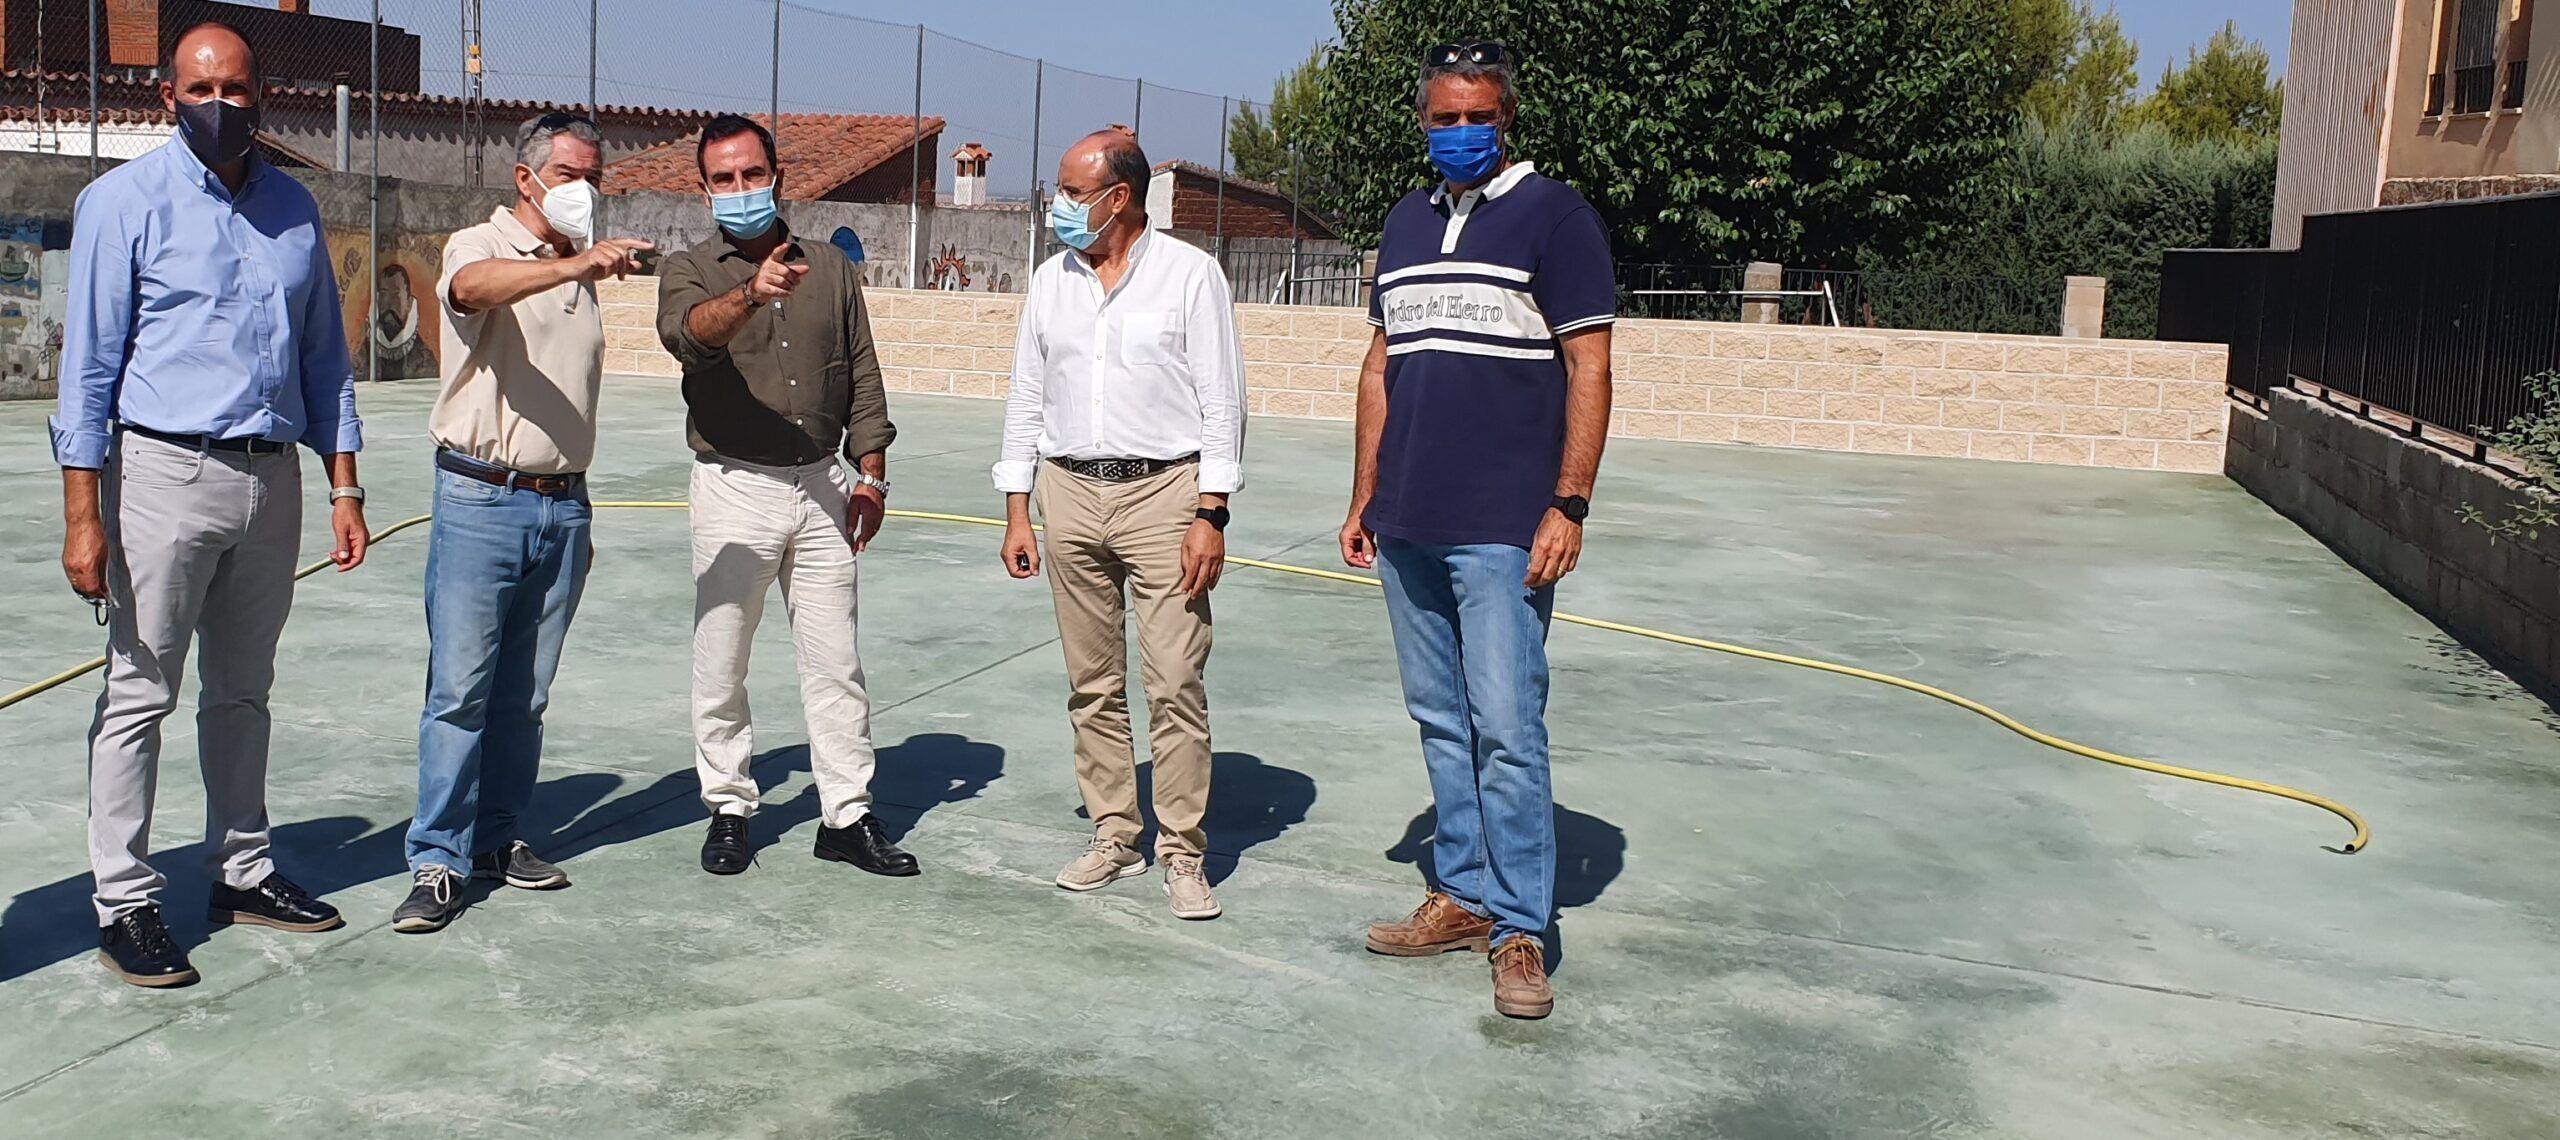 El Gobierno regional ha invertido 611.000 euros en adaptar, modernizar y acondicionar los centros educativos de la Campana de Oropesa